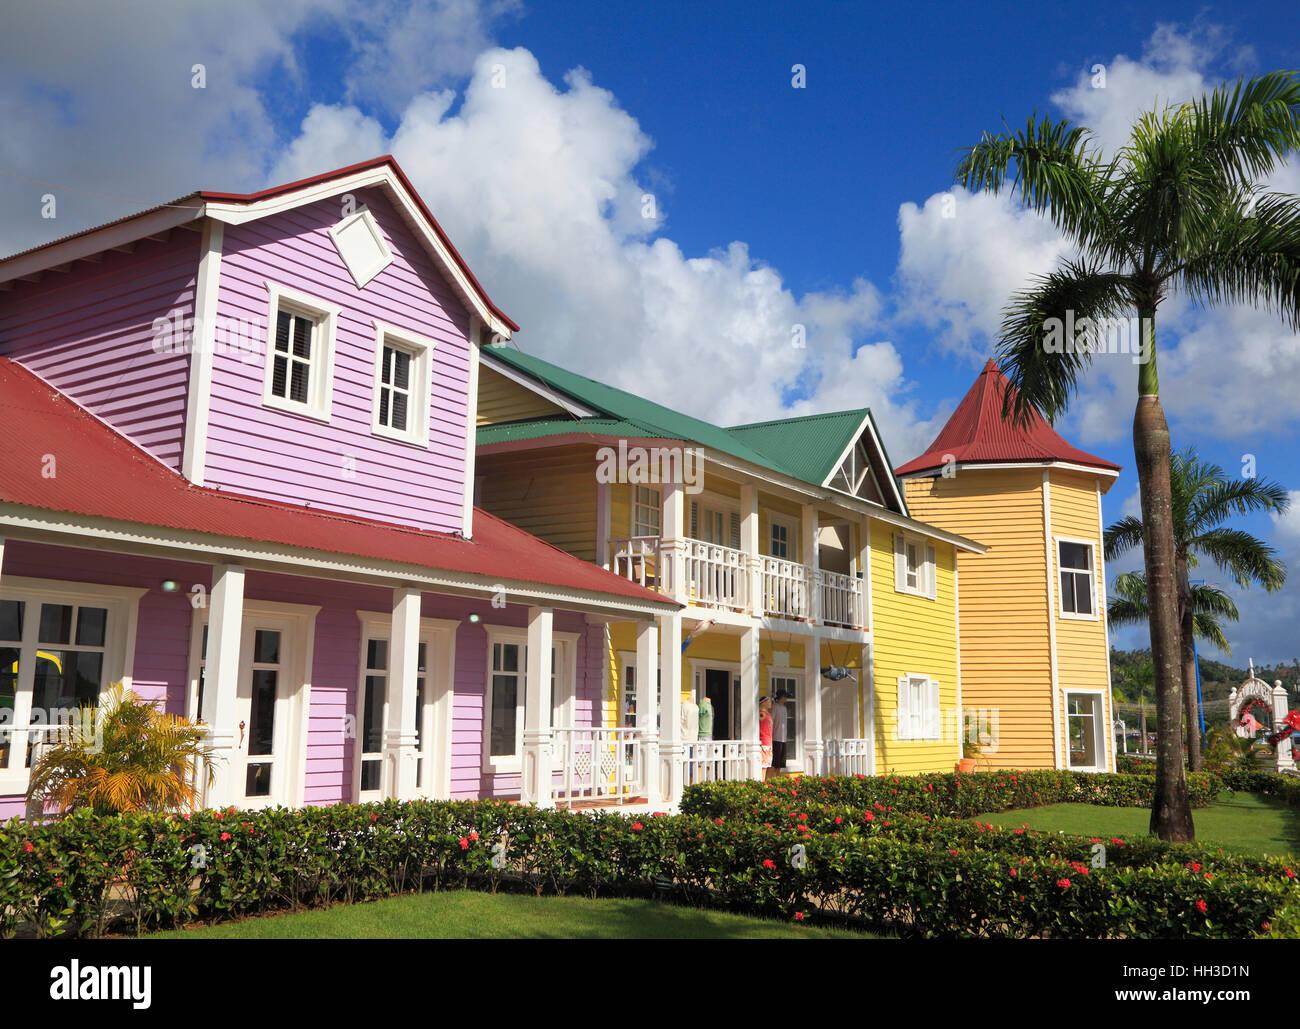 Las casas de madera pintadas en colores brillantes del Caribe en Samana, República Dominicana Imagen De Stock